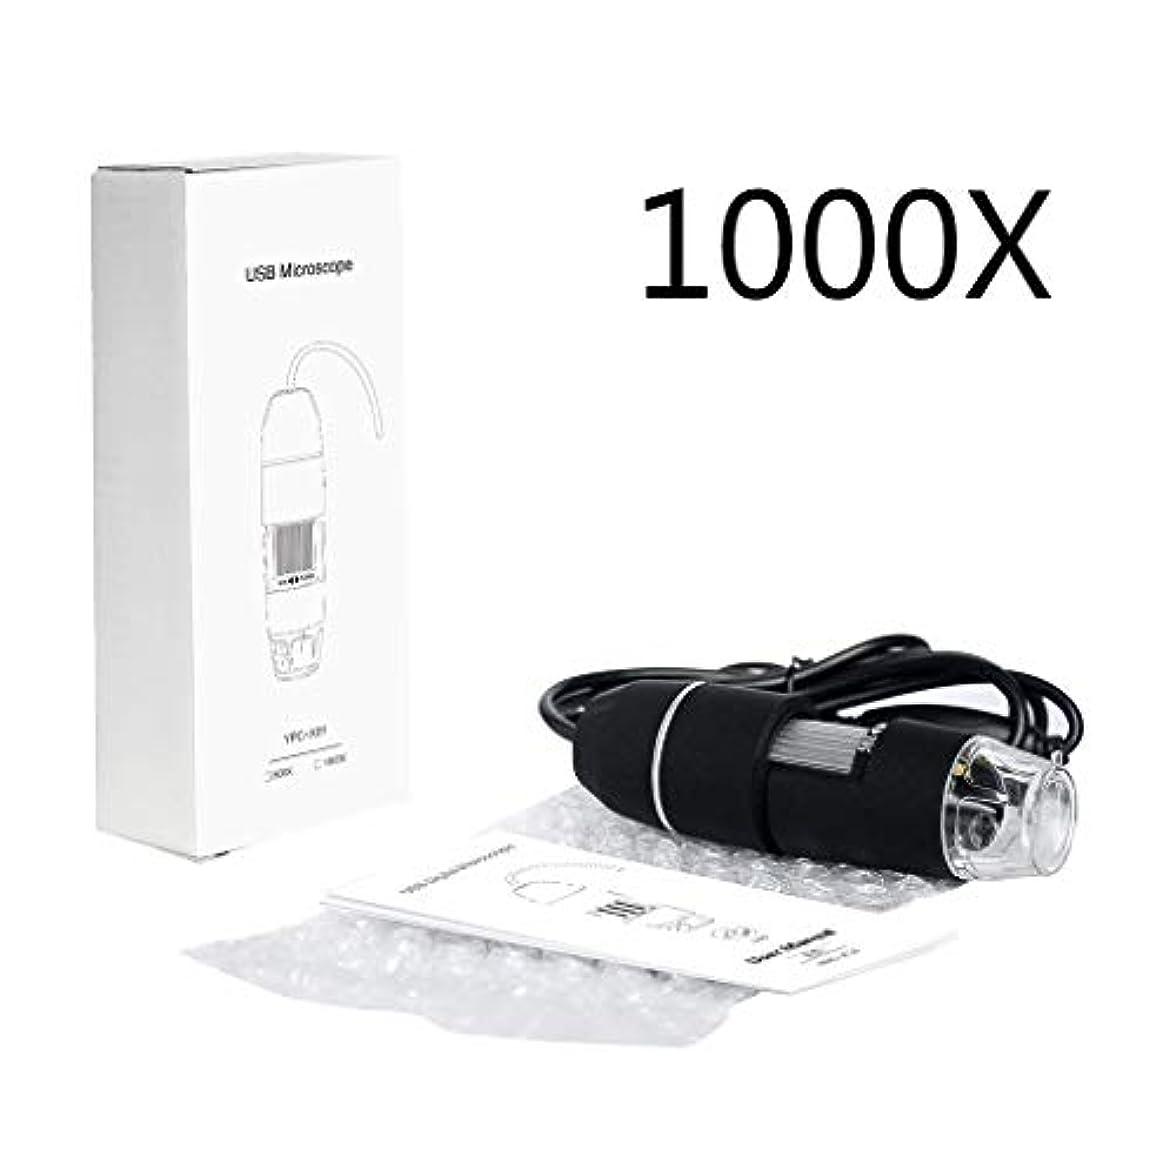 ケントエロチック扇動USBマイクロスコープ、電話の修理はんだ、皮膚検査、繊維検査、宝石検査のための8ツェッペリン、多目的拡大鏡顕微鏡、とハンドヘルド1000XデジタルUSB顕微鏡